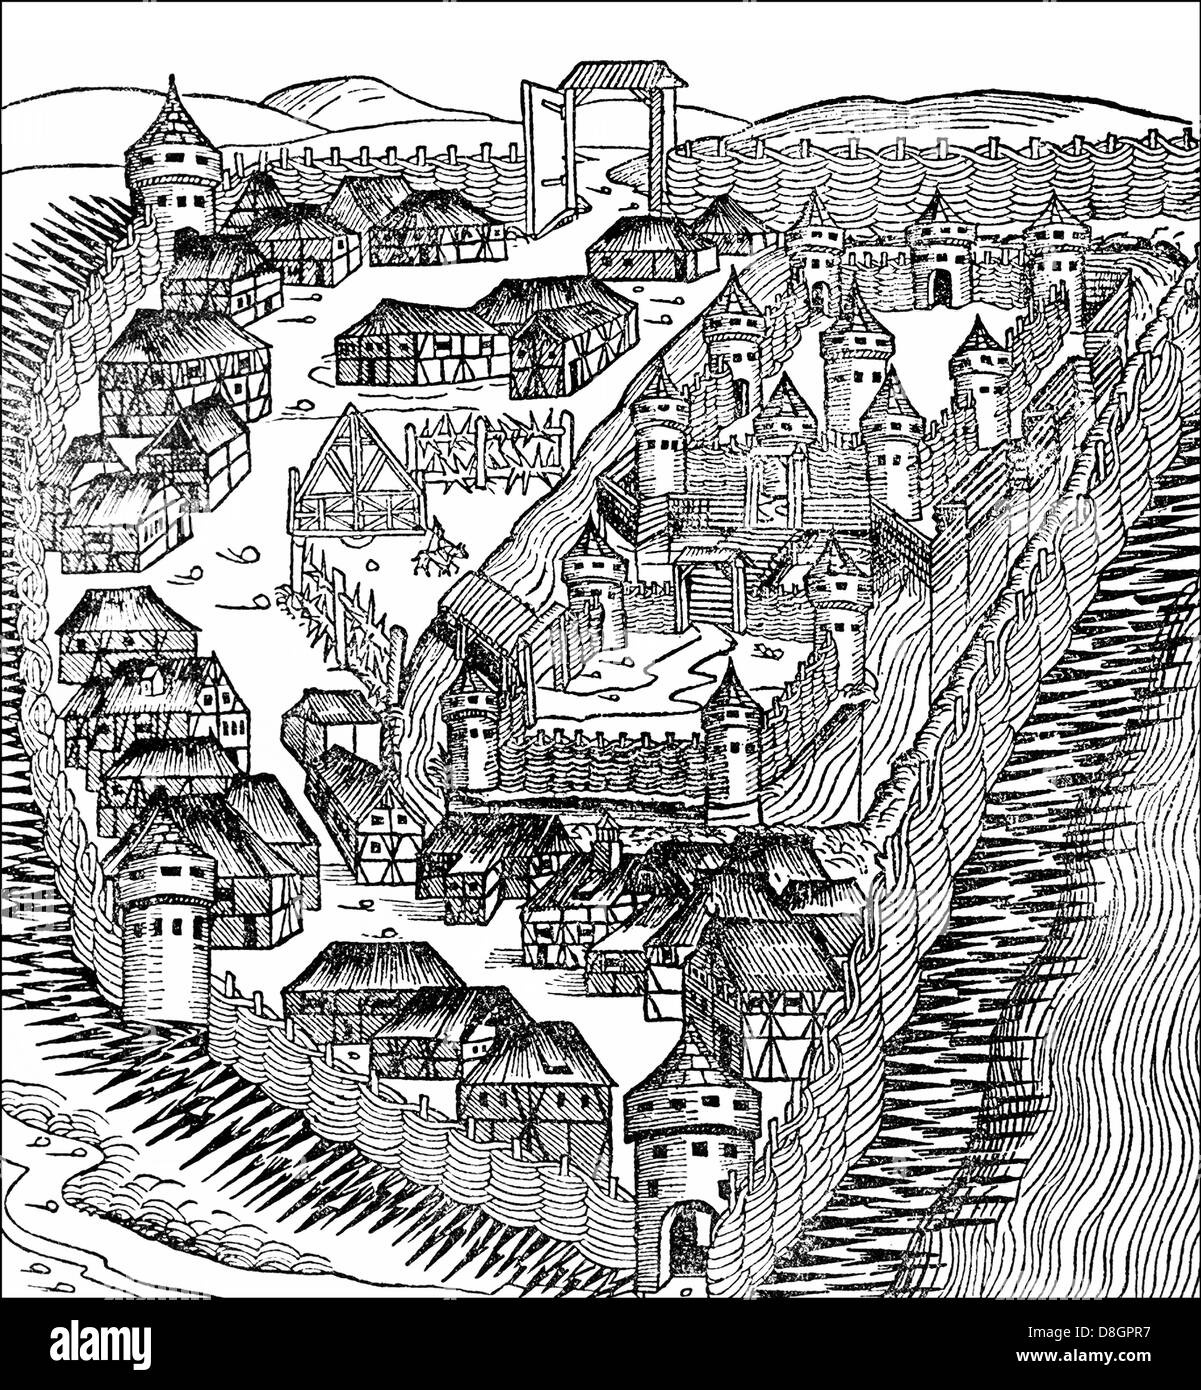 Der Beginn einer mittelalterlichen Stadt, Europa Stockbild